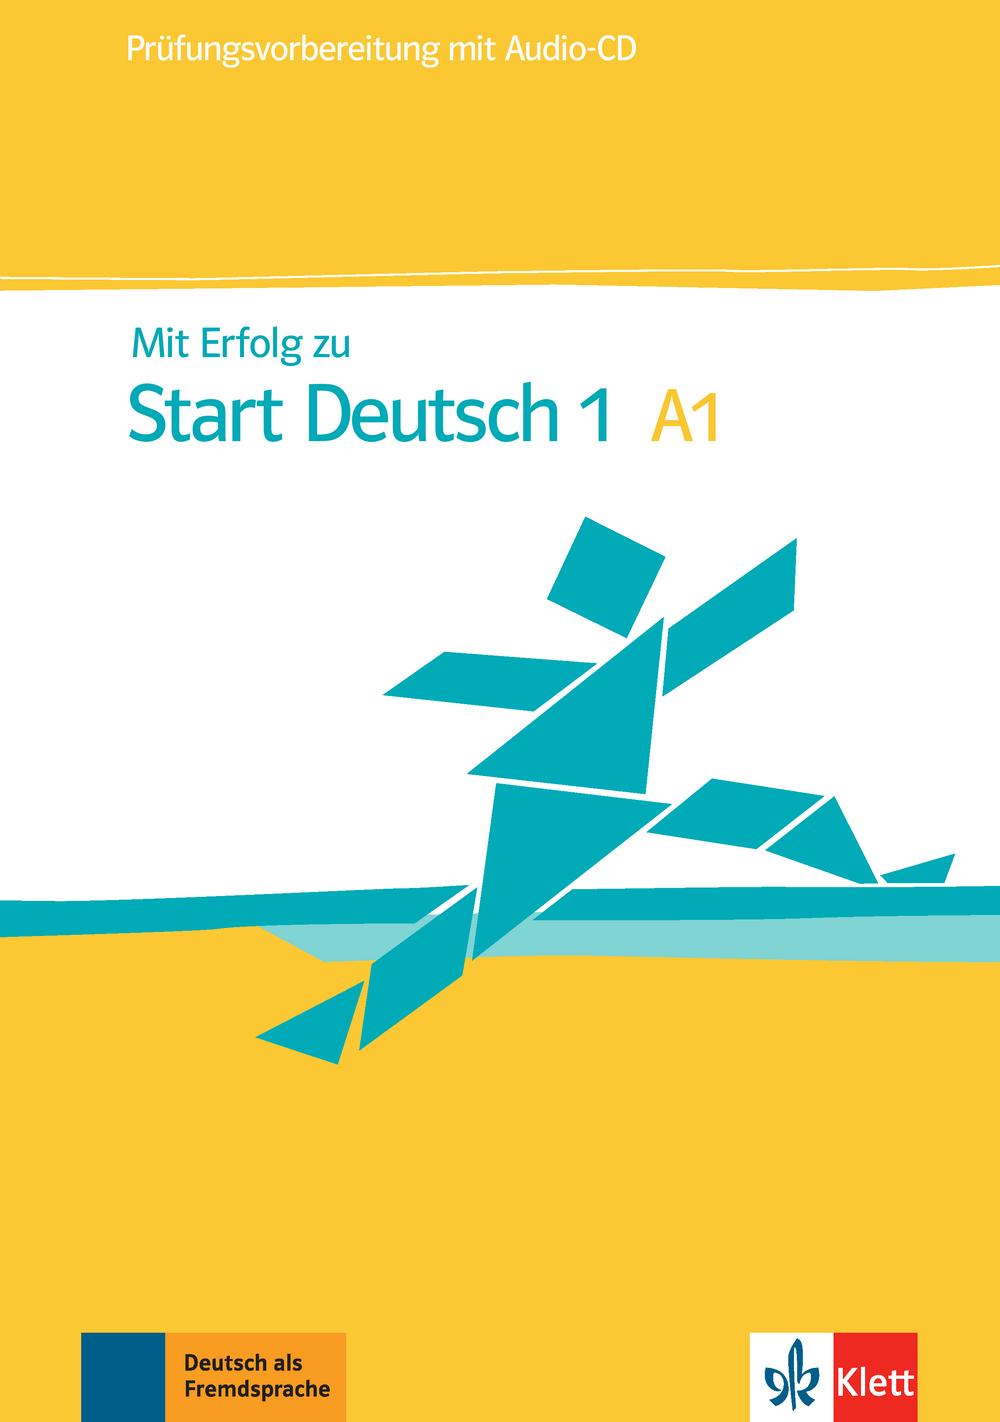 Mit Erfolg zu Start Deutsch 1